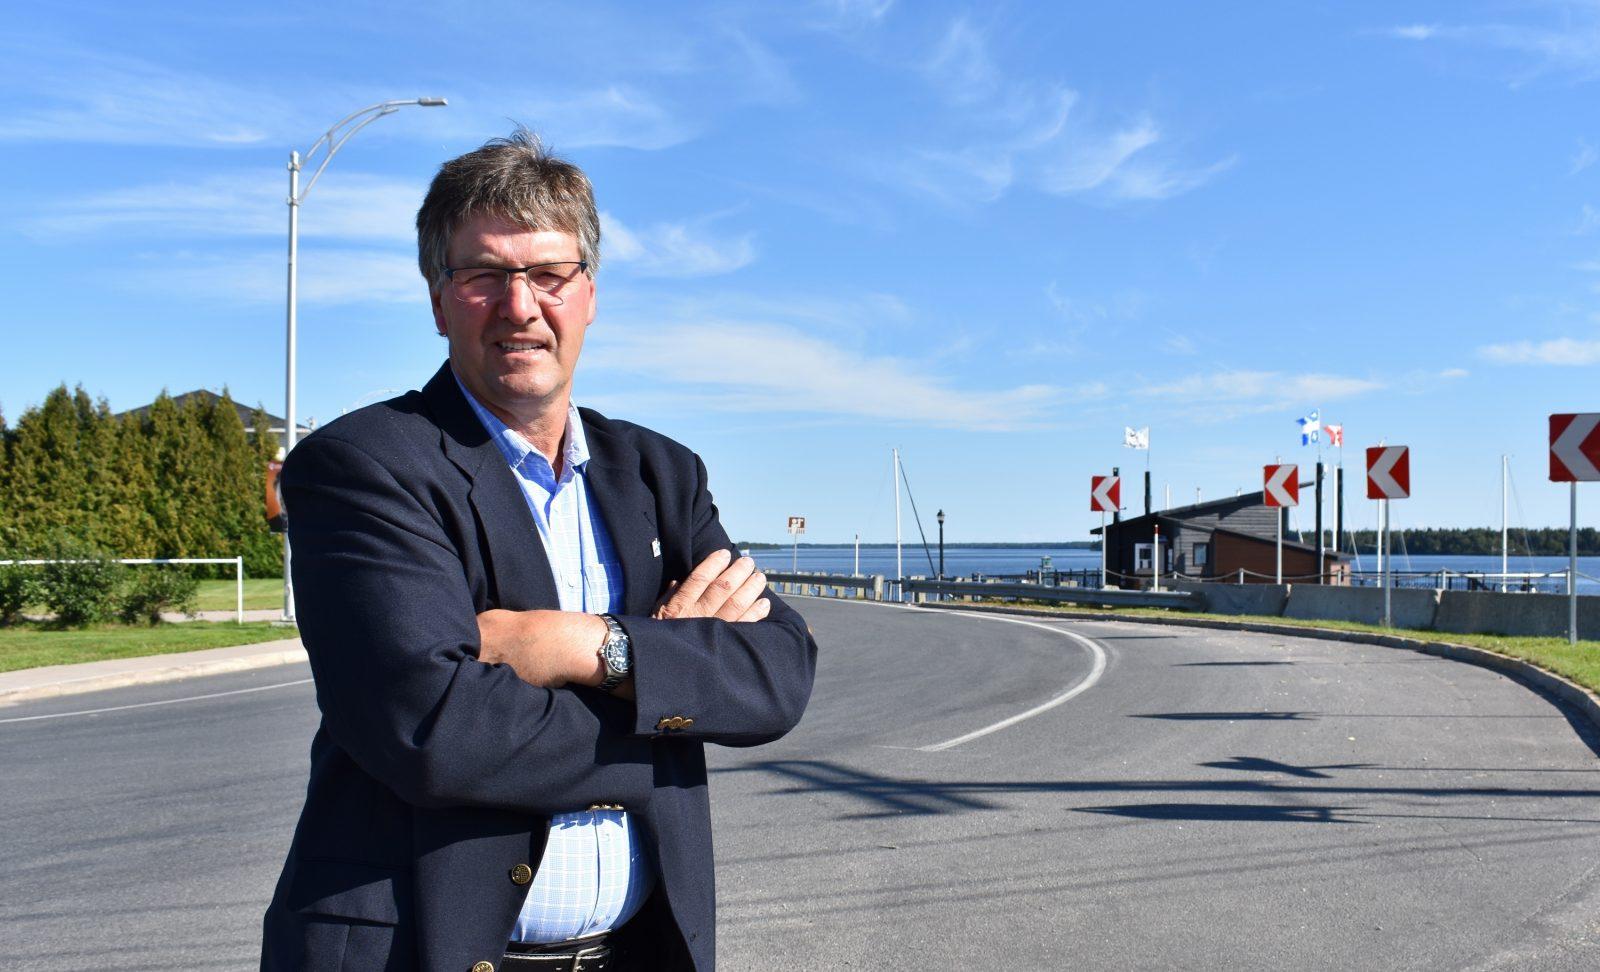 Courbe dangereuse à Péribonka : le dossier a assez traîné, déplore le maire